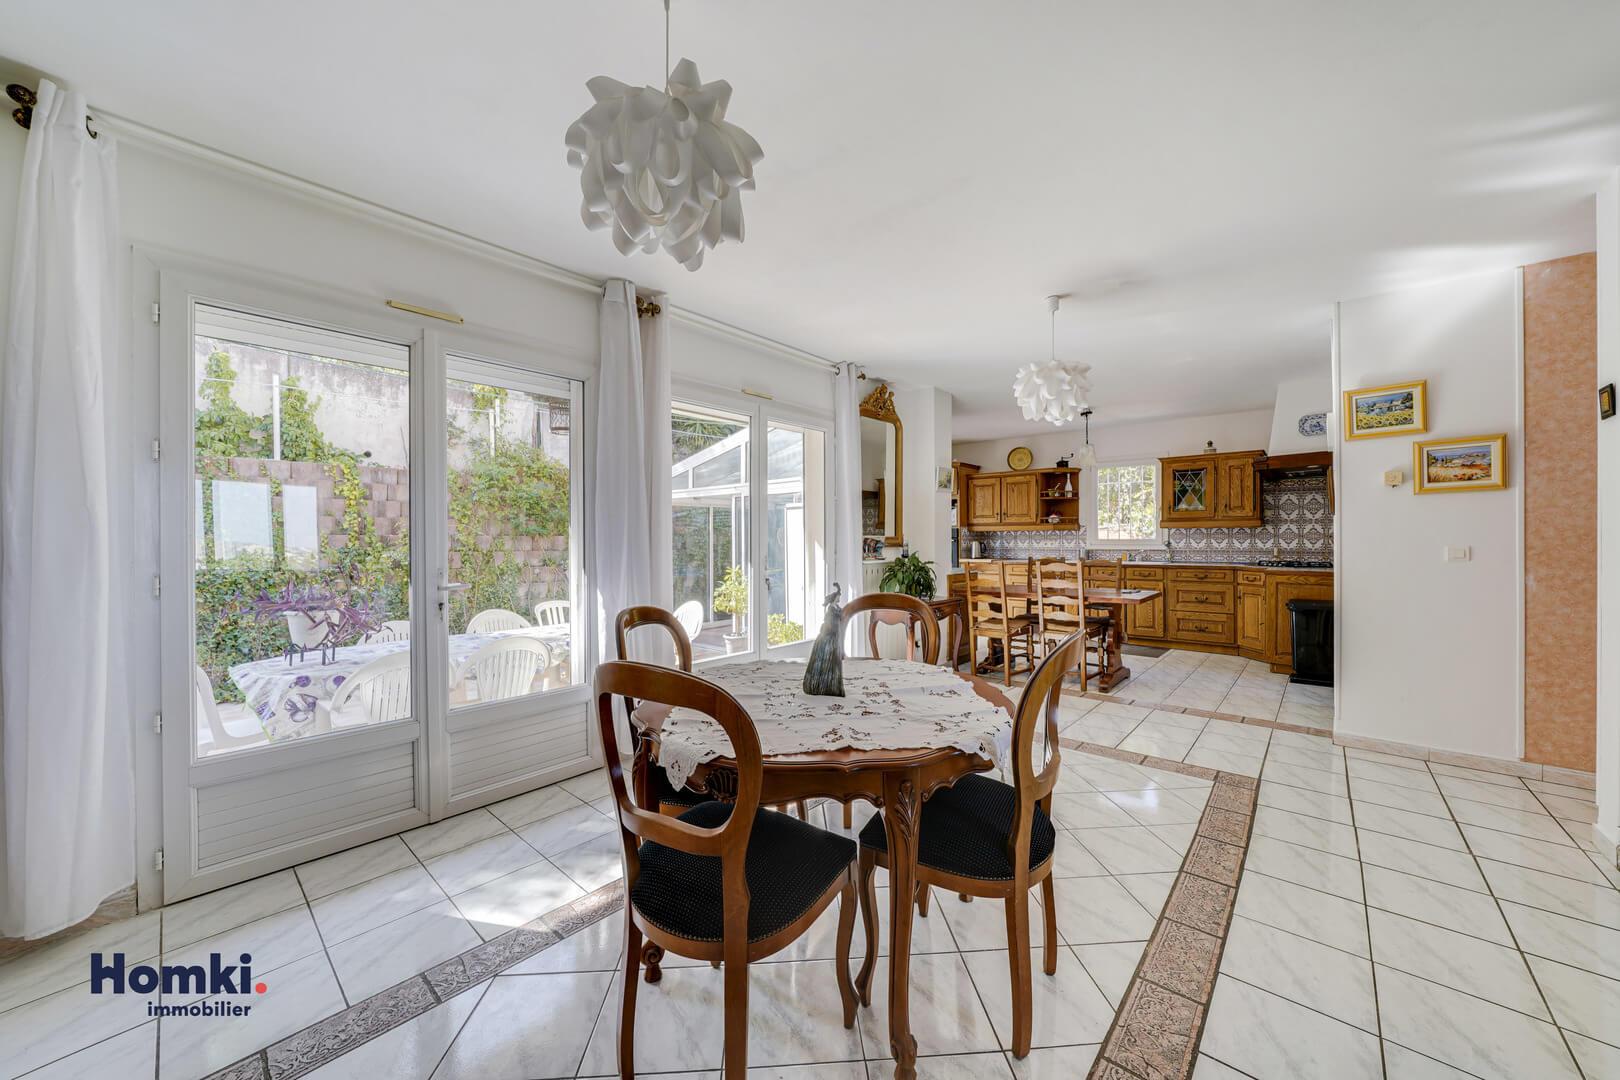 Vente Maison 105 m² T6 13011 Marseille_3